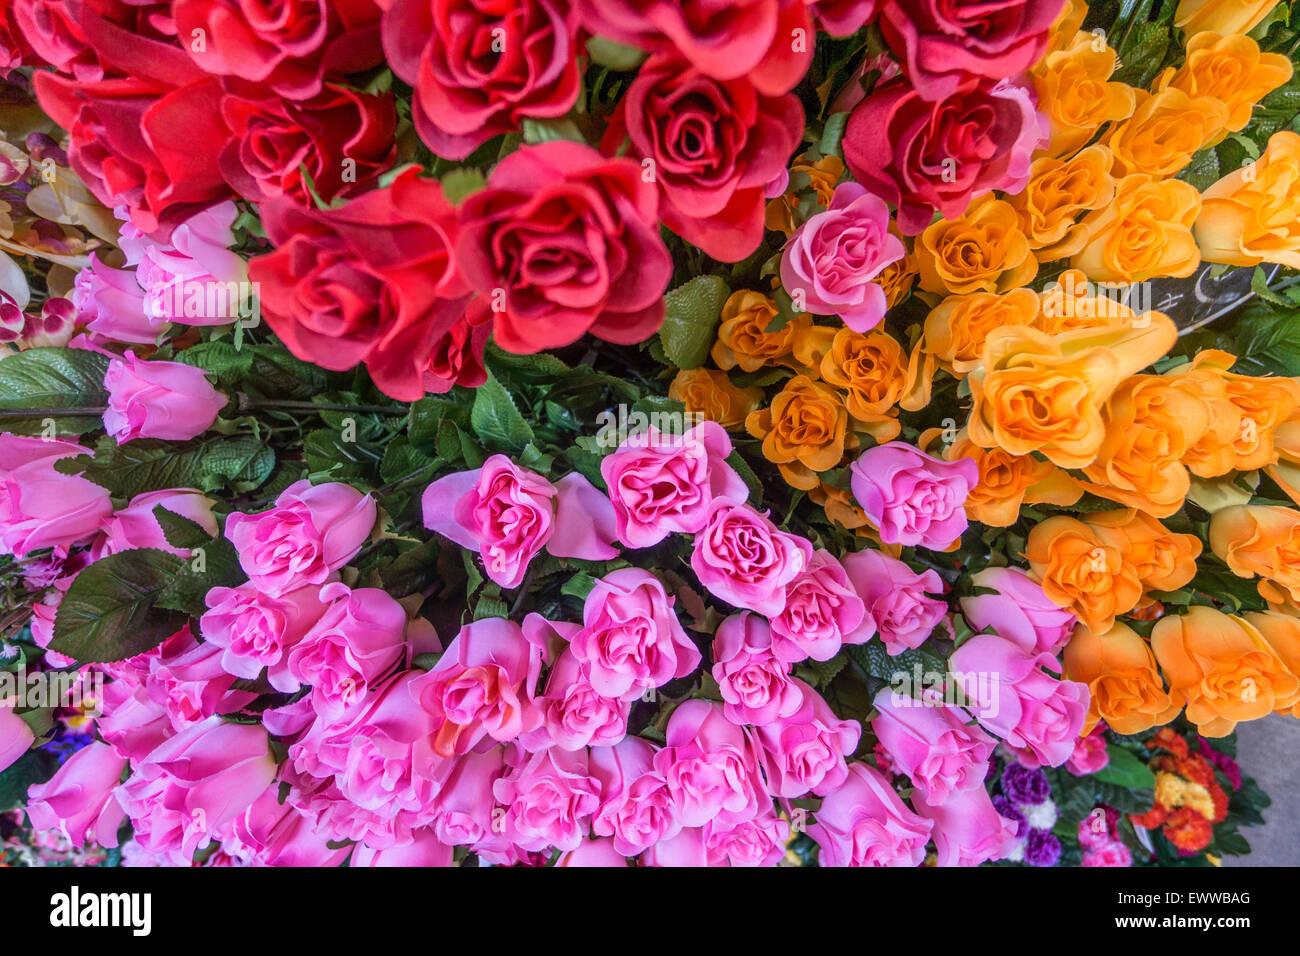 Pink mediterranean flower stock photos pink mediterranean flower flowers flower market nice alpes maritimes provence french riviera mediterranean mightylinksfo